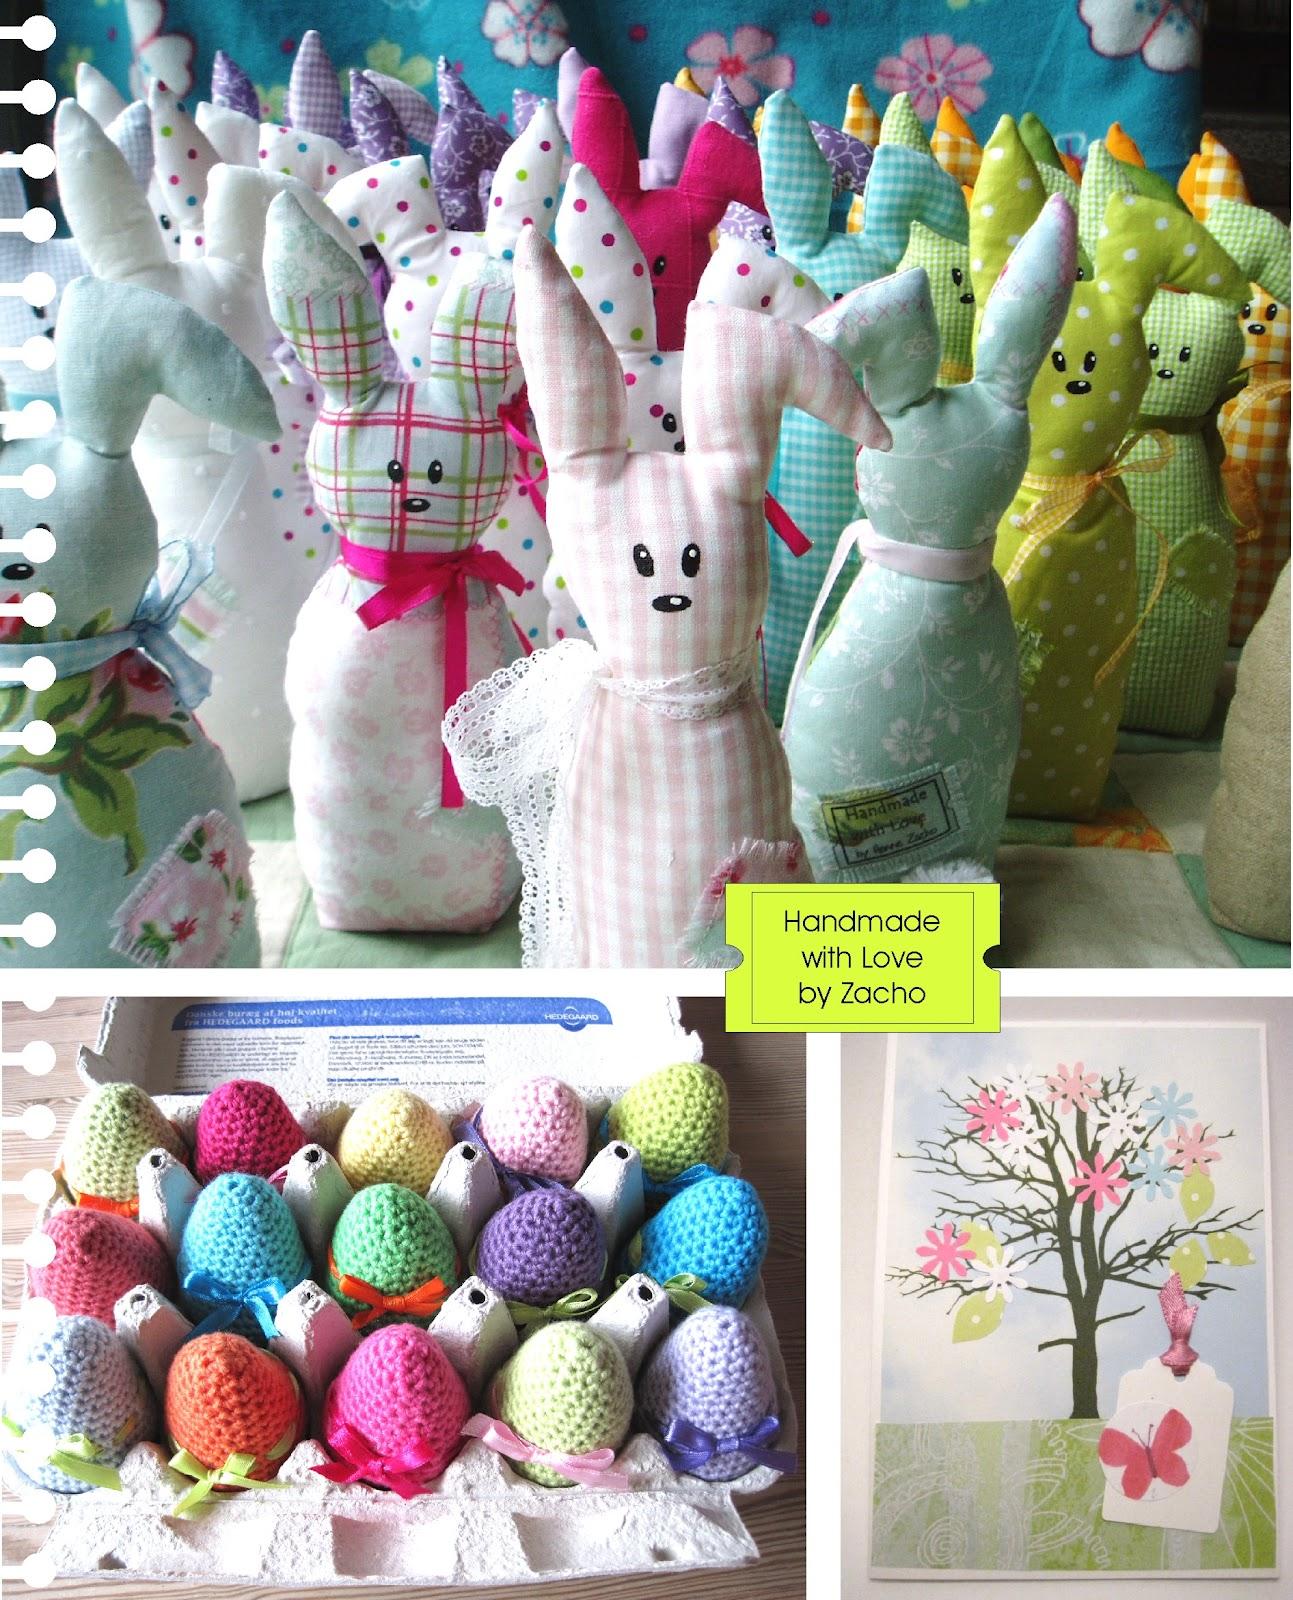 Så vil jeg vise mine påske kaniner frem